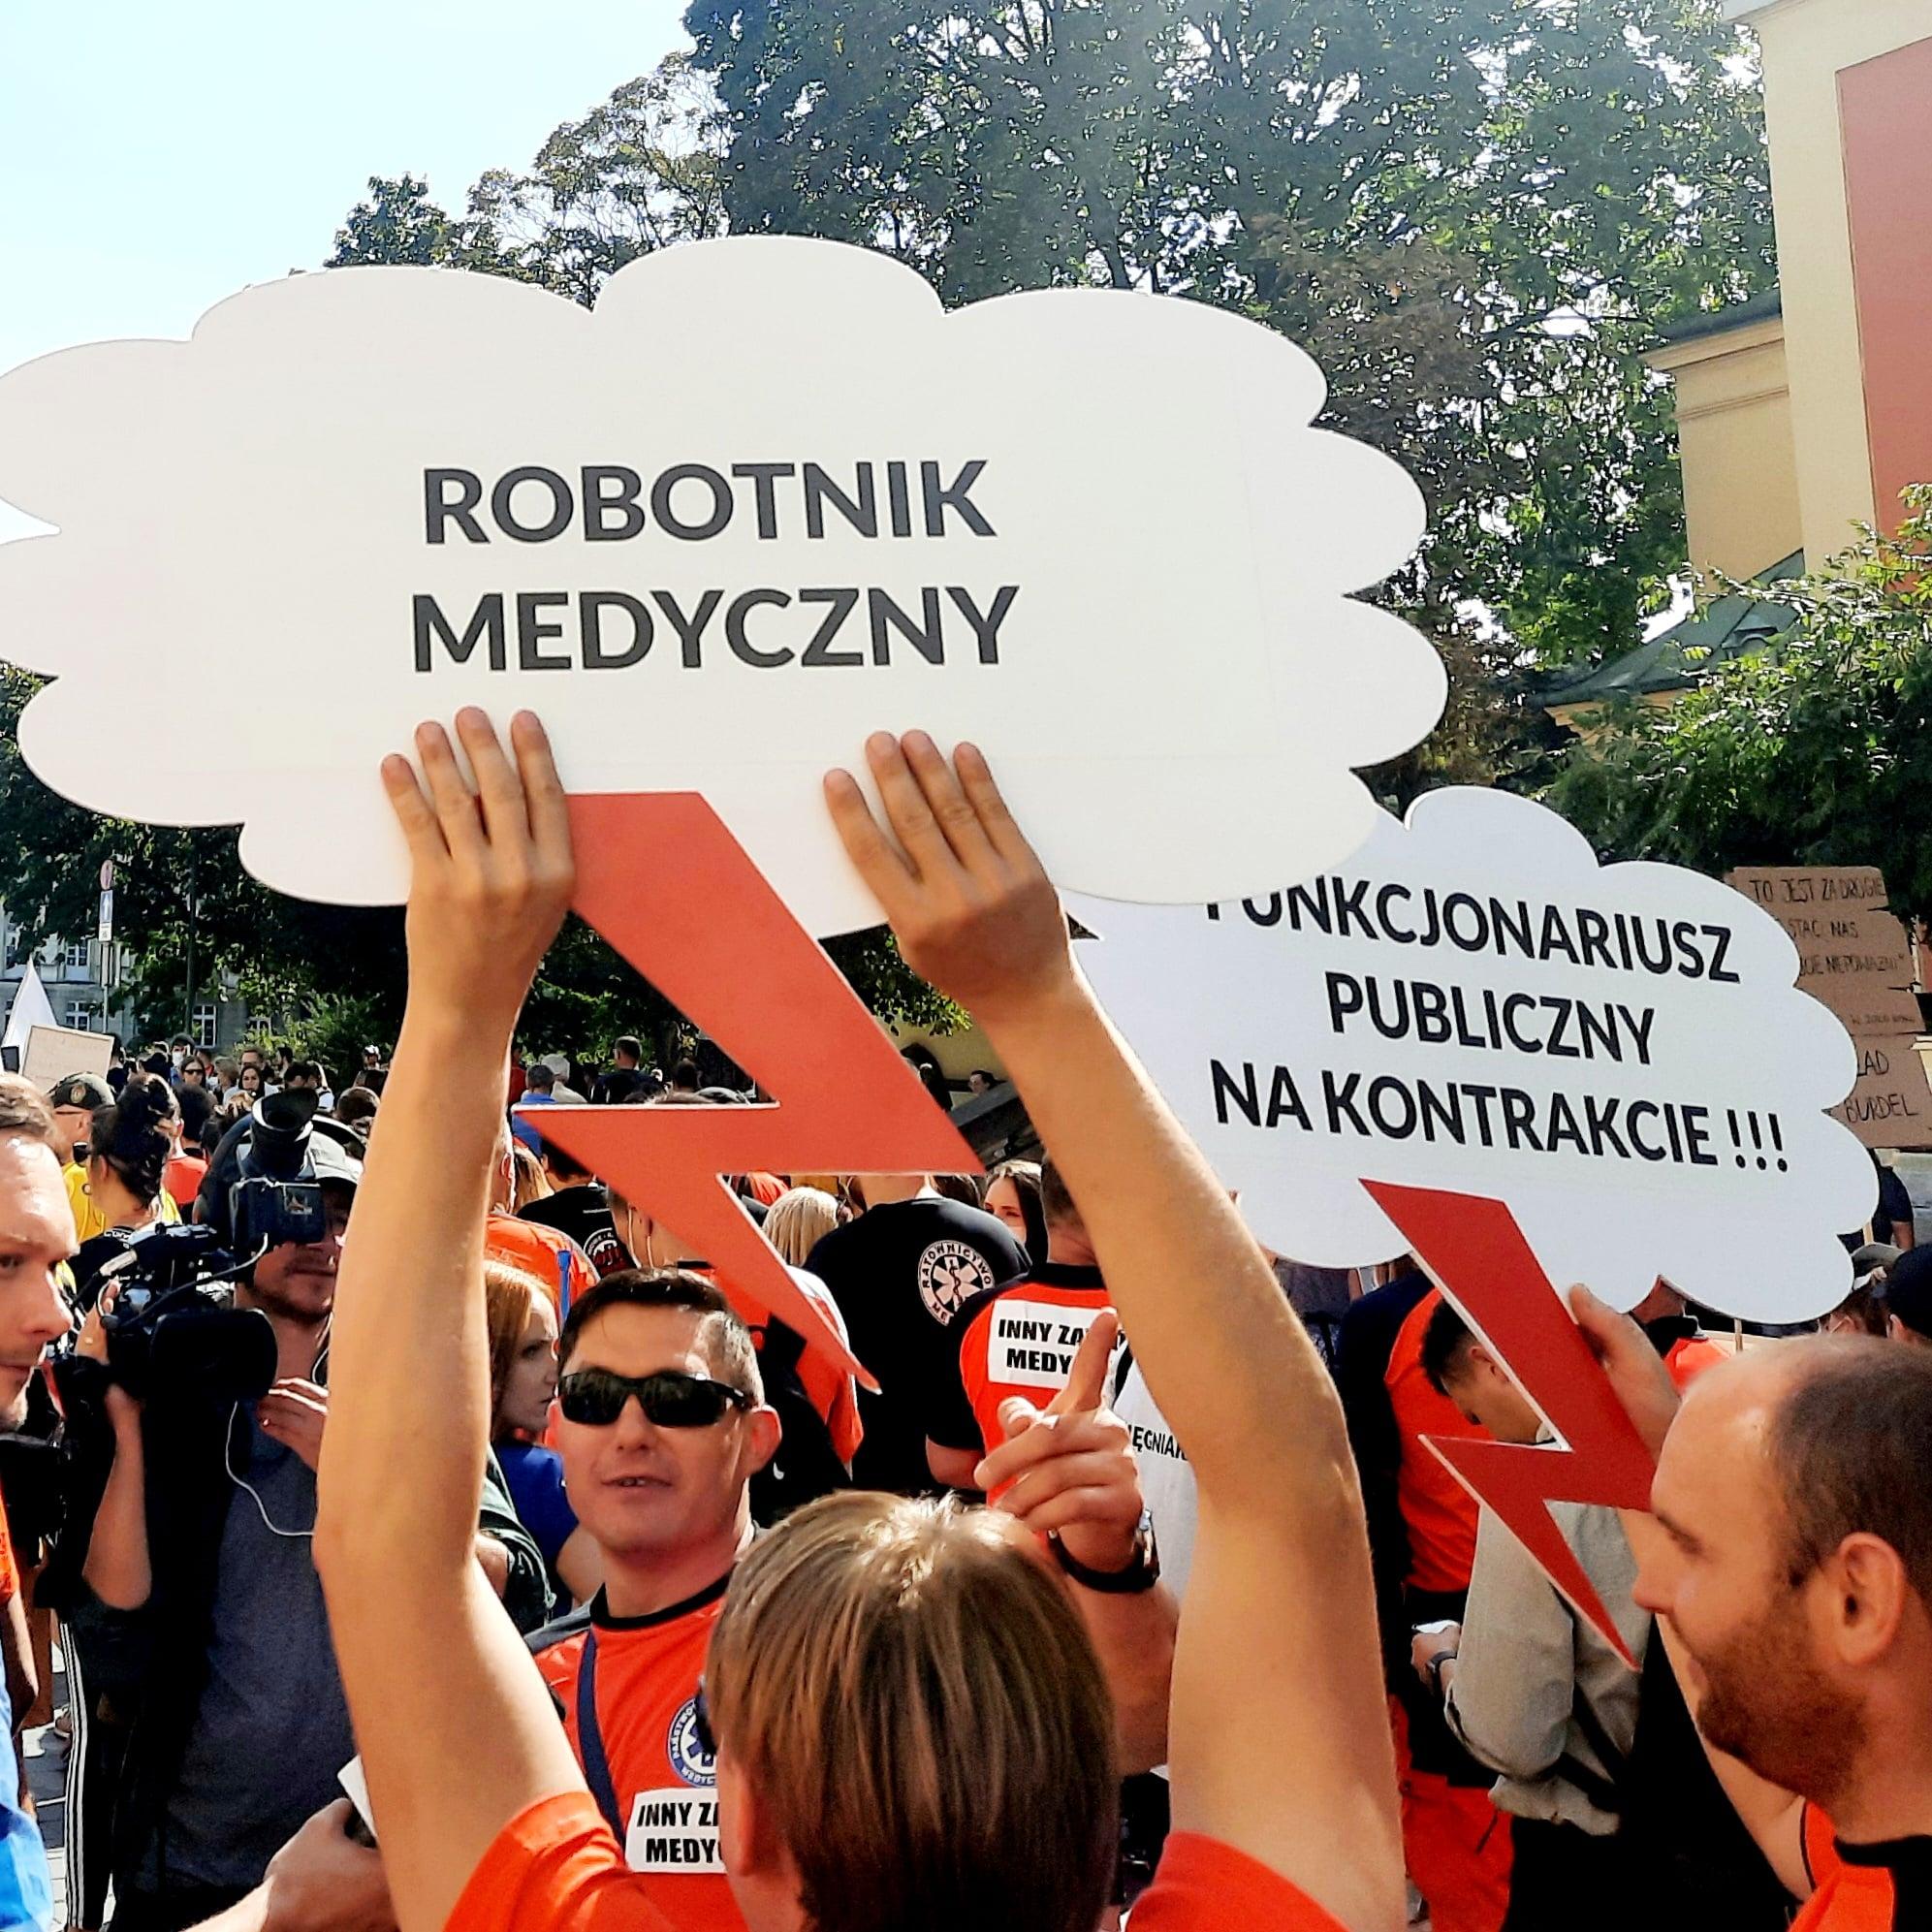 Podkarpaccy medycy protestowali w Warszawie! [ZDJĘCIA] - Zdjęcie główne